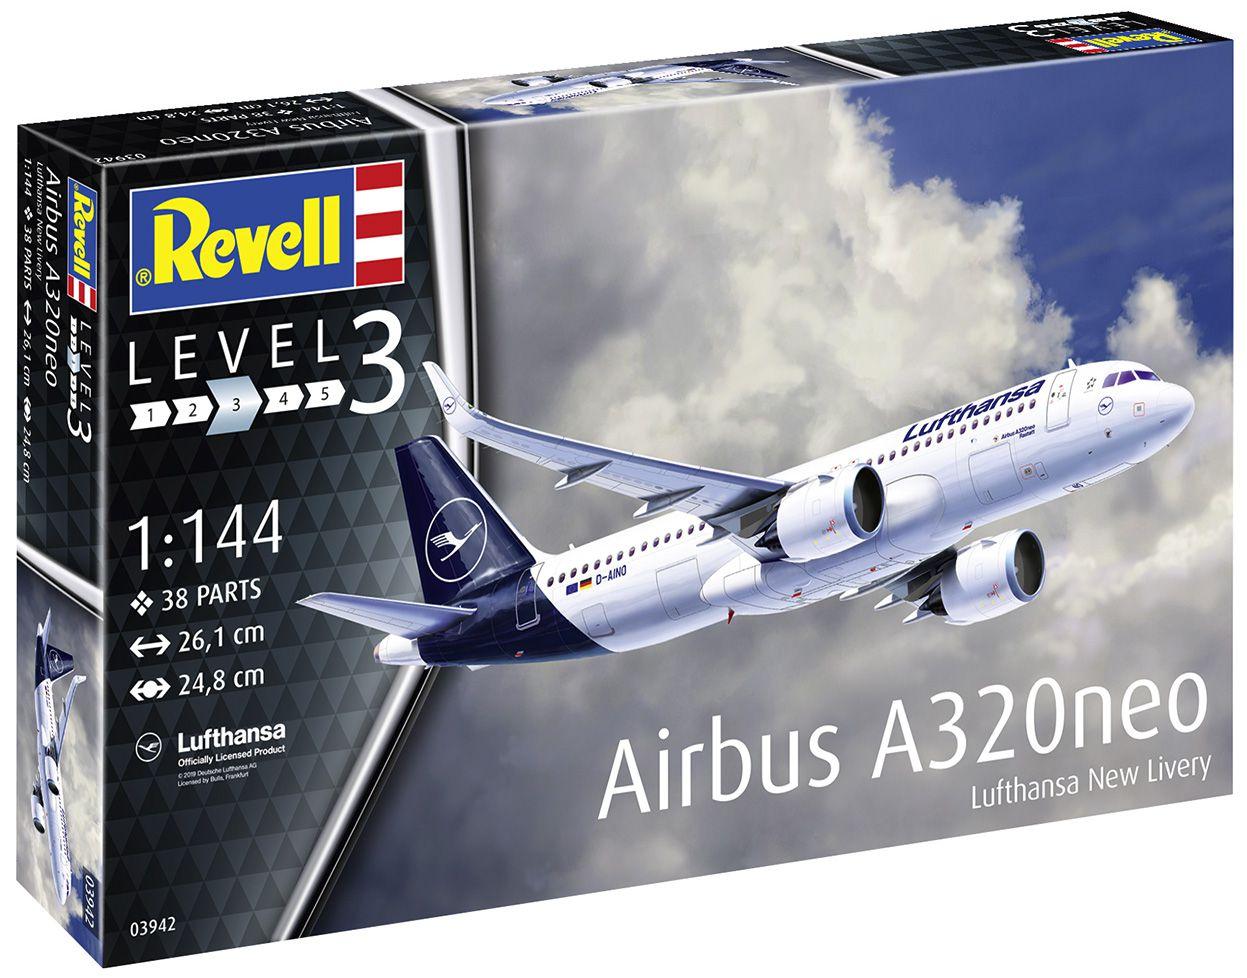 Airbus A320neo Lufthansa New Livery - 1/144 - Revell 03942  - BLIMPS COMÉRCIO ELETRÔNICO